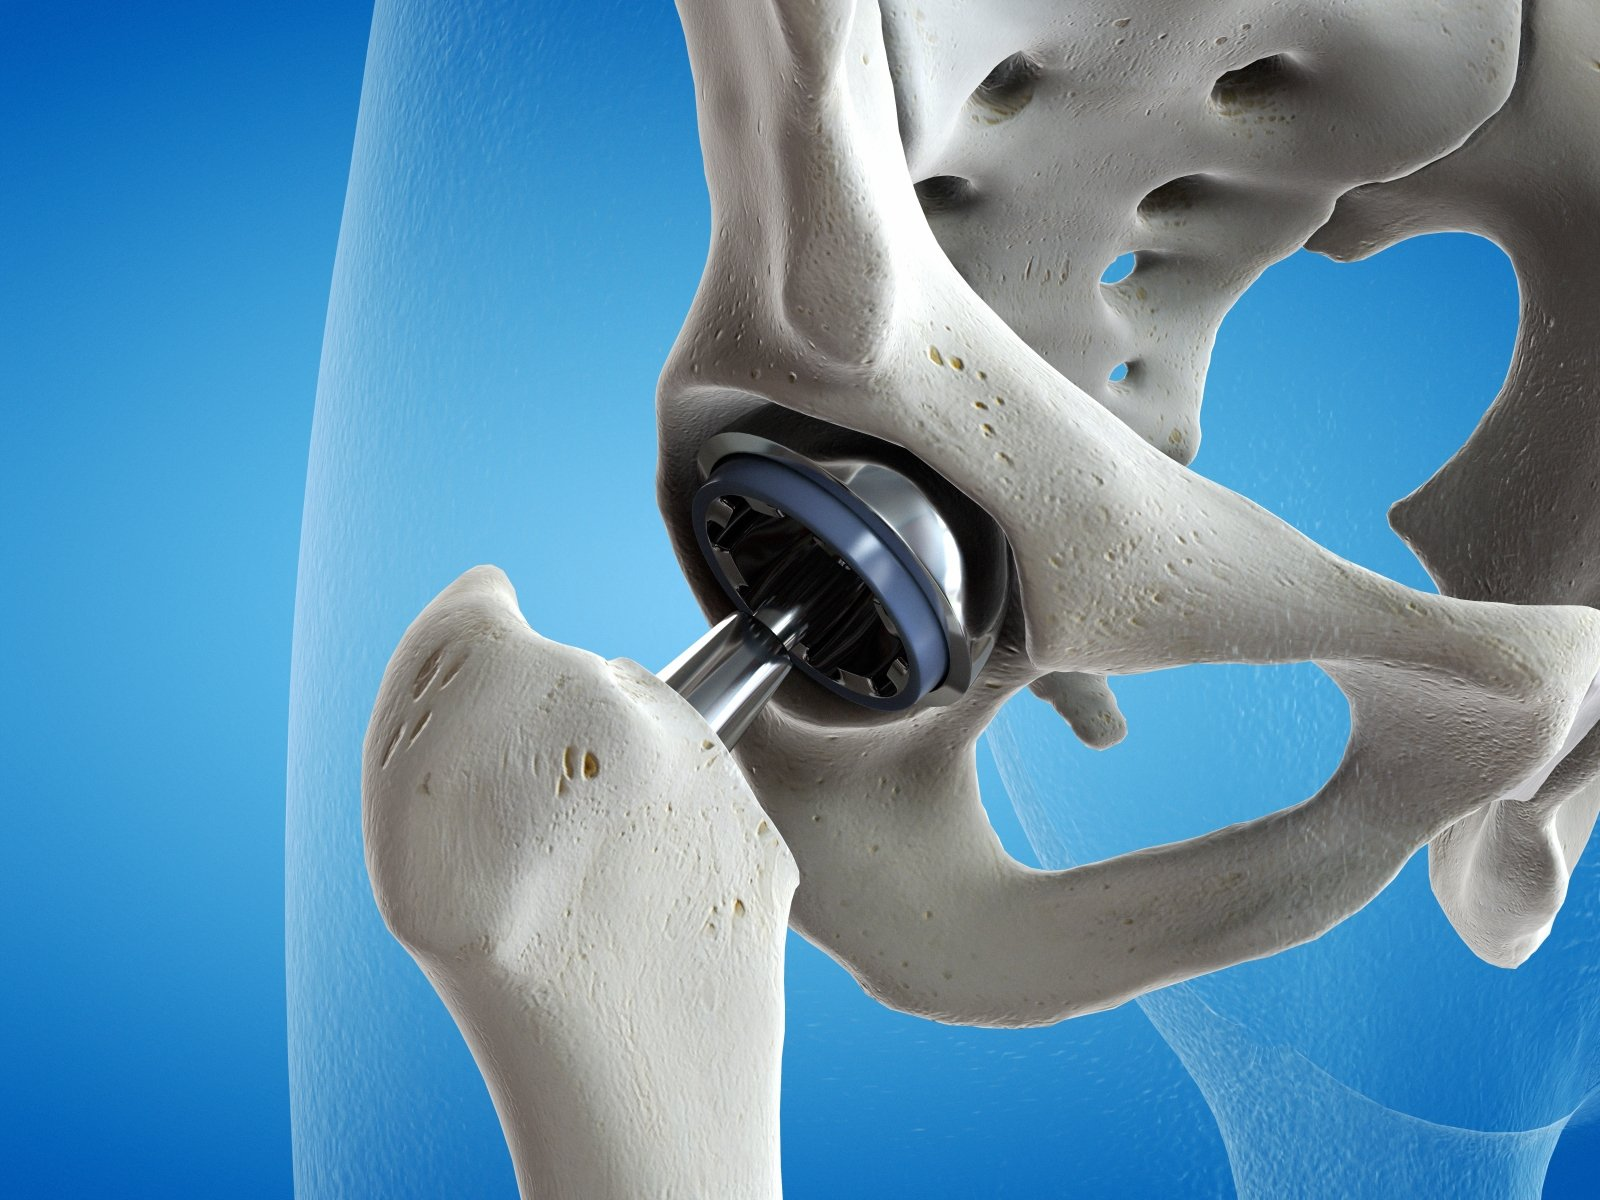 šlapias gelis sąnarių kinesiotapes iš skausmas sąnariuose ir raumenyse